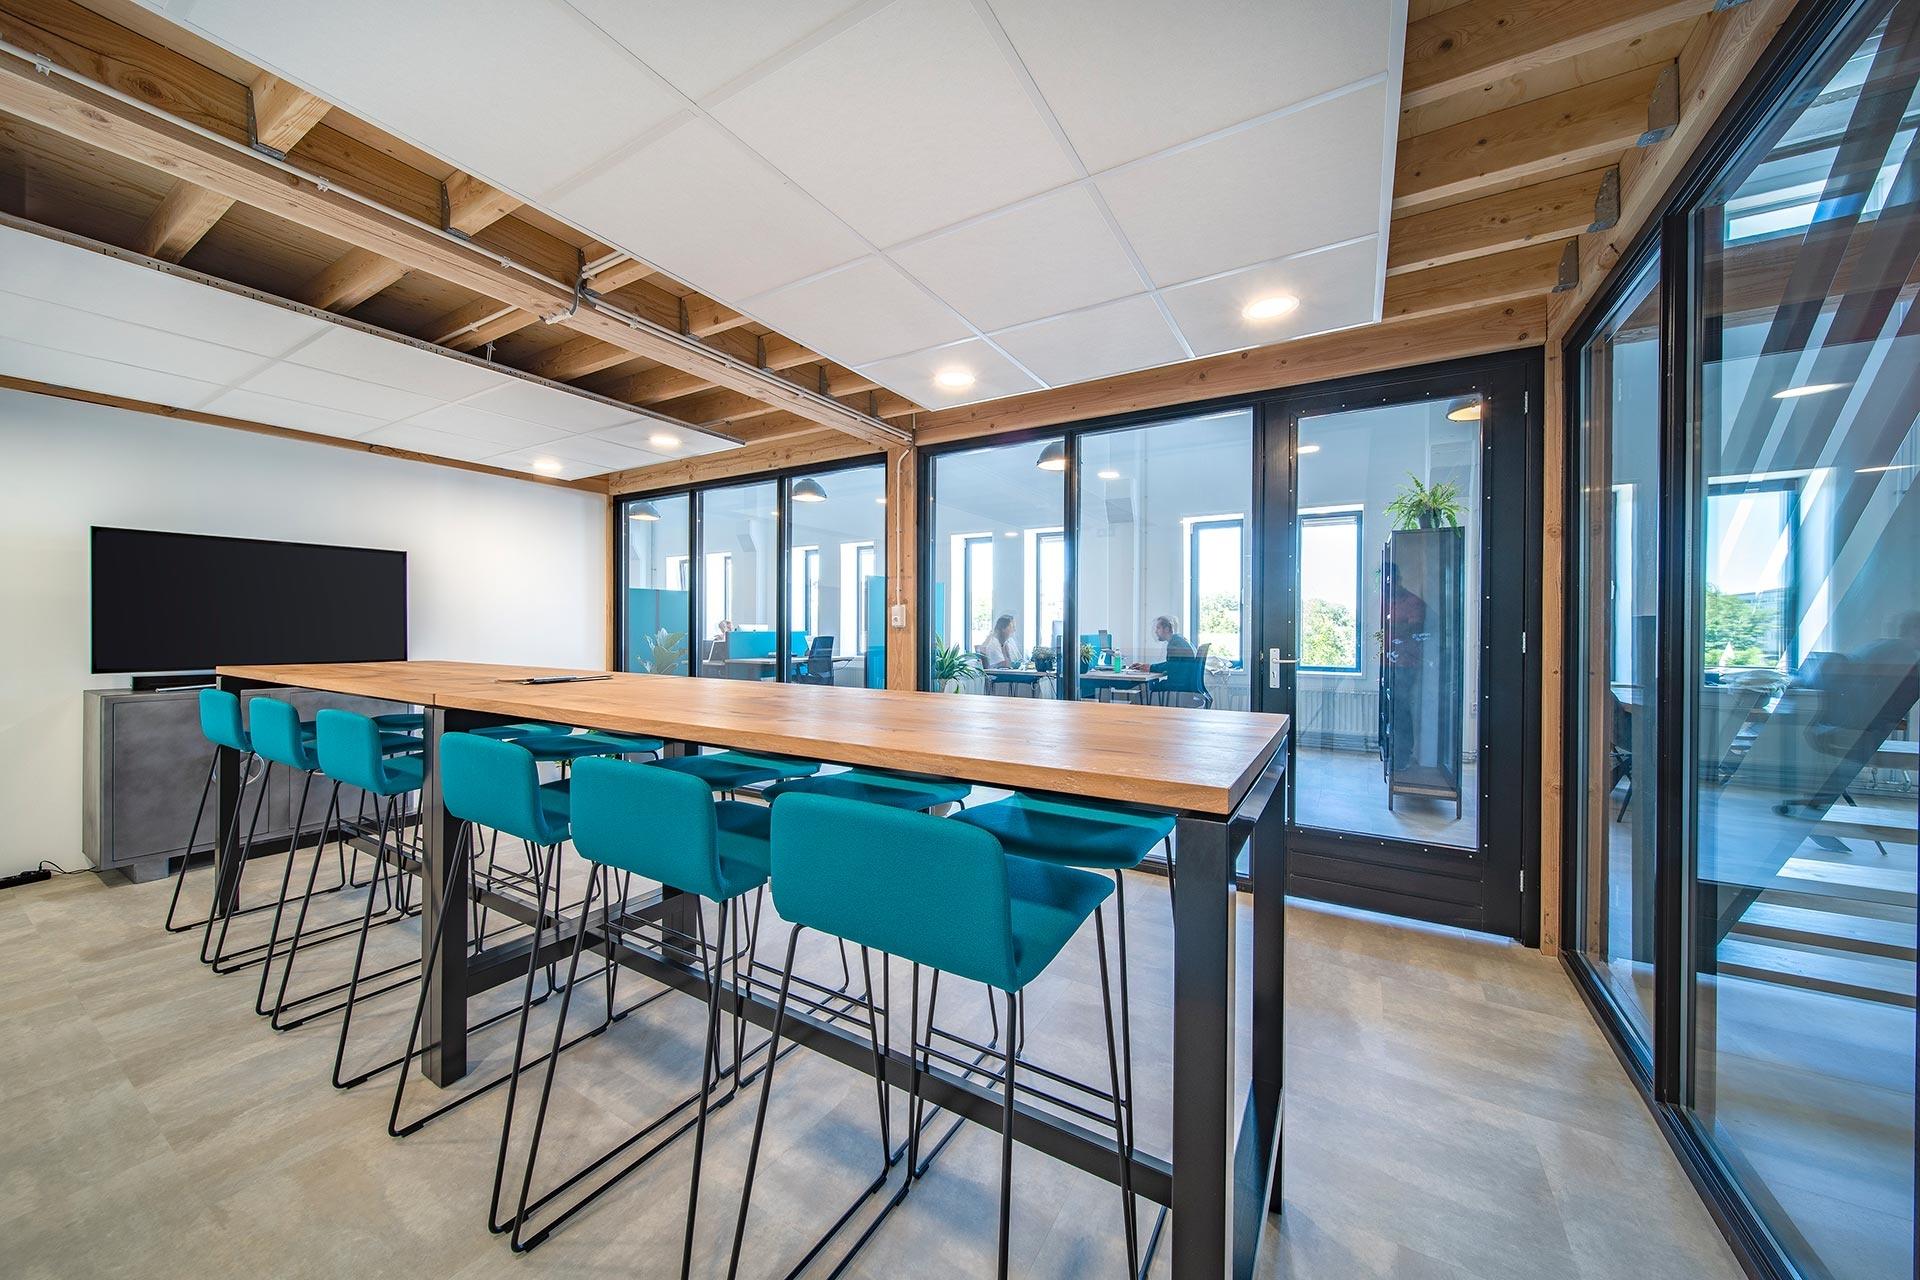 De opvallende Sura vergadertafel met zwart stalen onderstel zorgt voor een industriële look-and-feel.